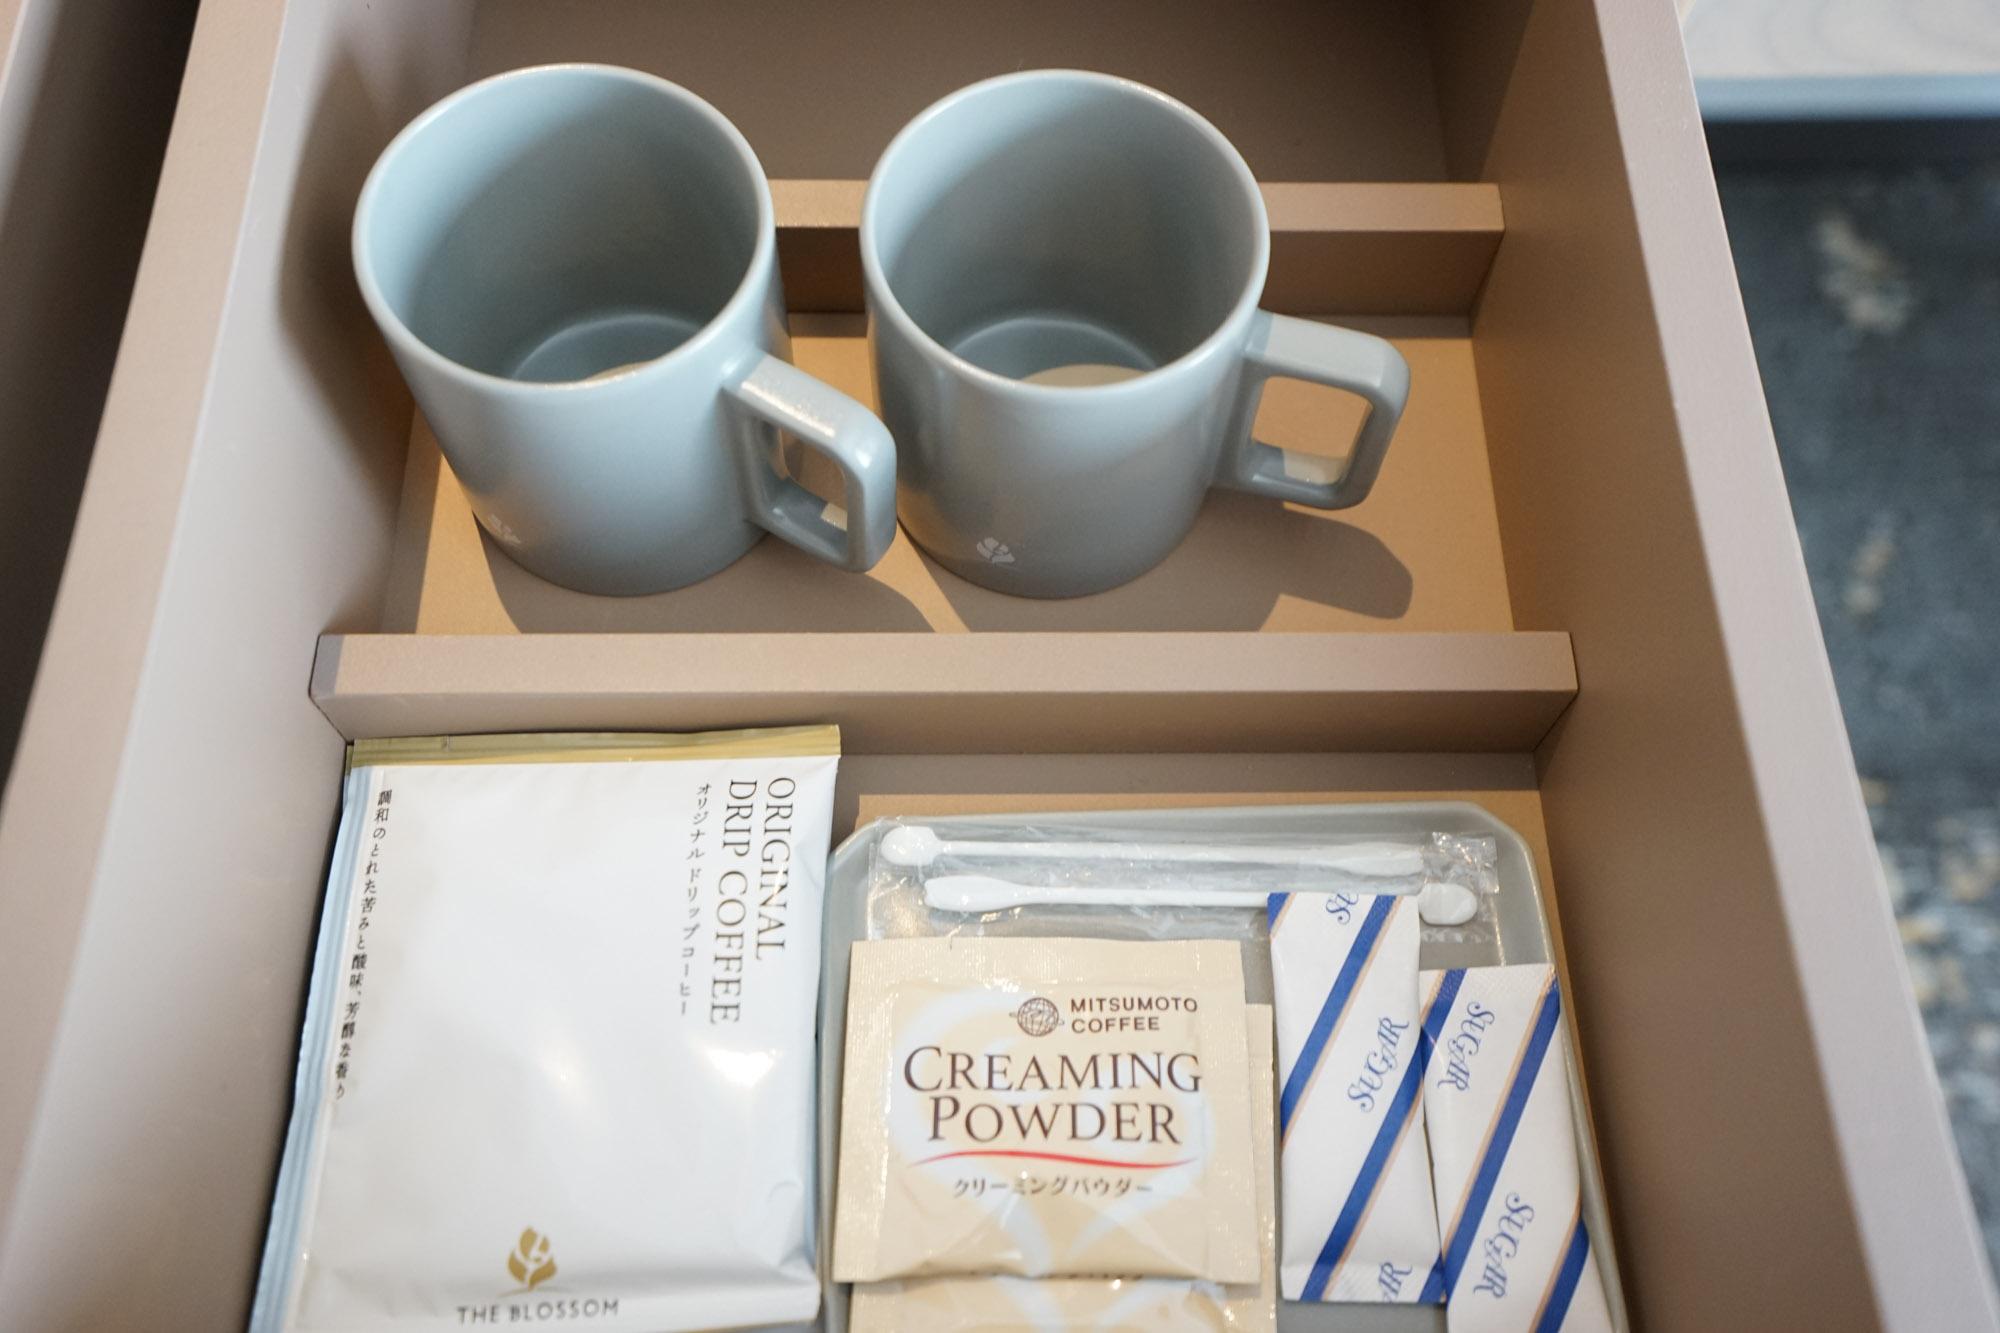 引き出しを開けると、マグカップやドリップコーヒーも。